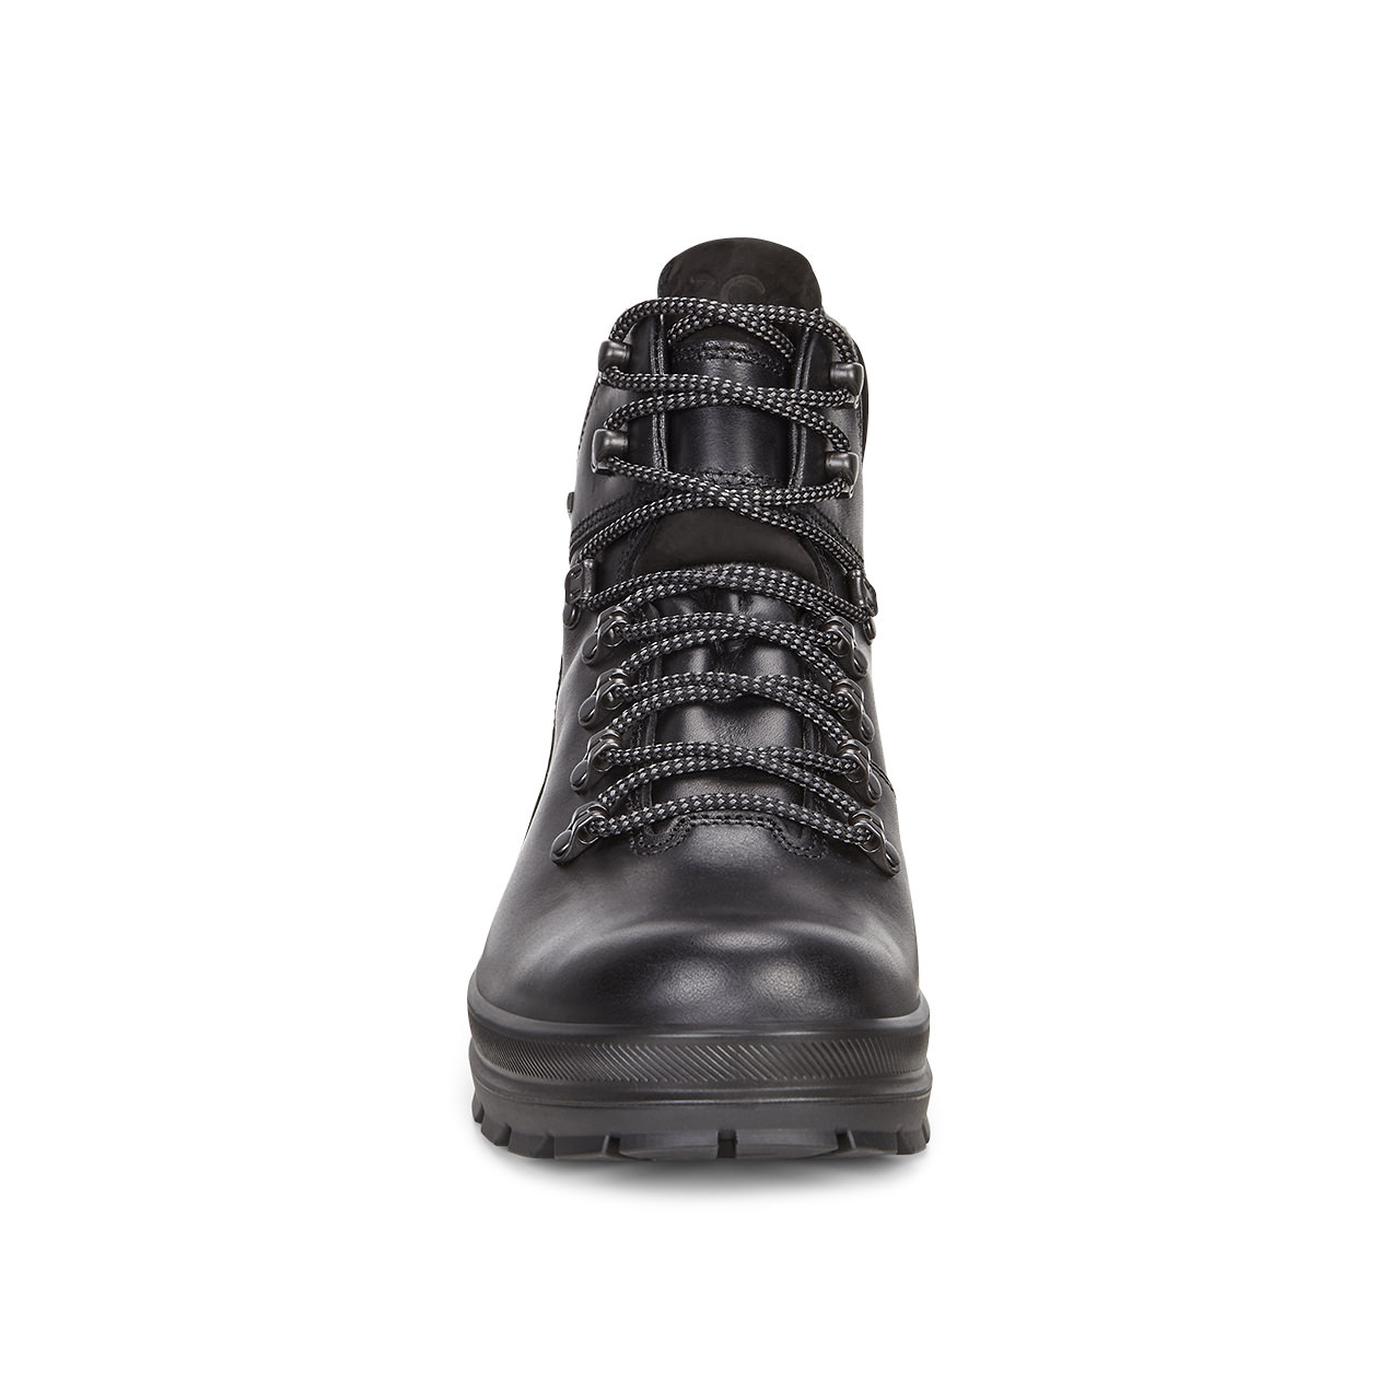 4c3976e48 ECCO Mens Rugged Track GTX High Top | Men's Boots | ECCO® Shoes